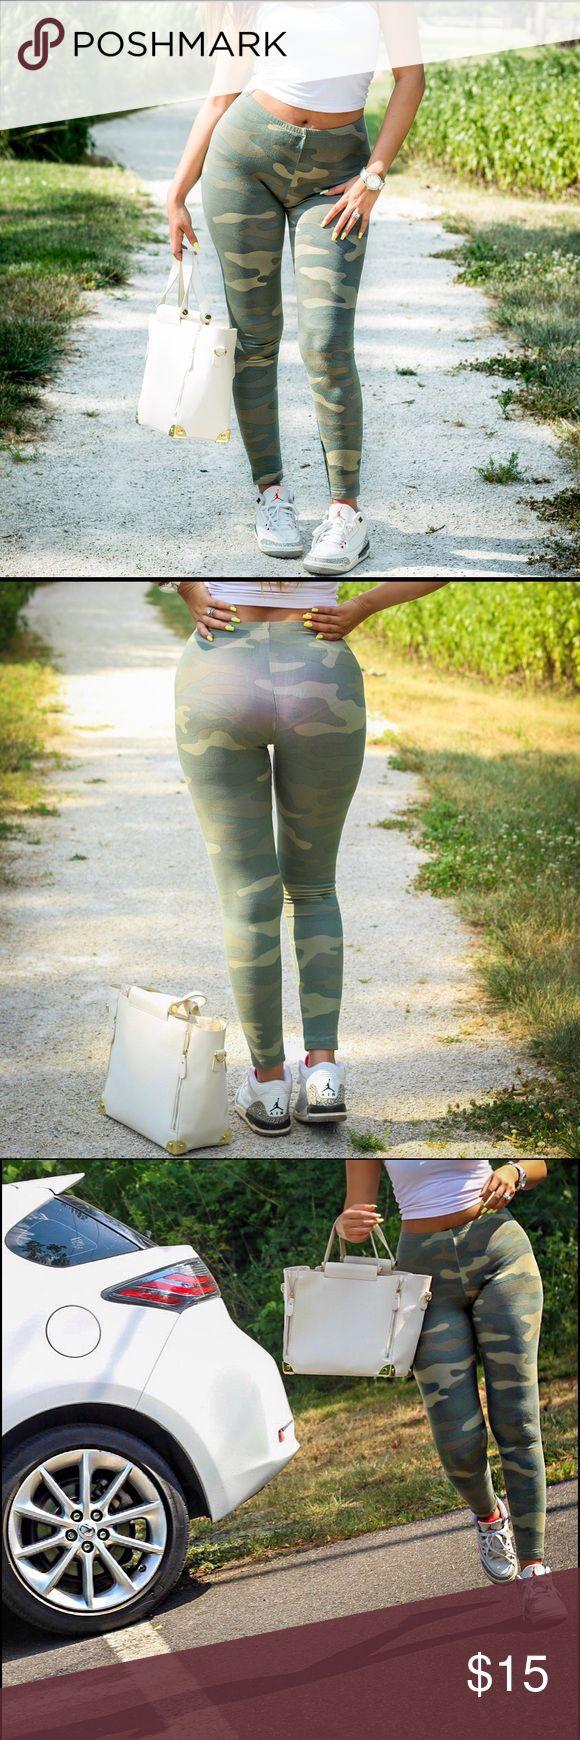 Camo printed leggings Camo printed leggings for those casual days ❤️ Pants Leggings